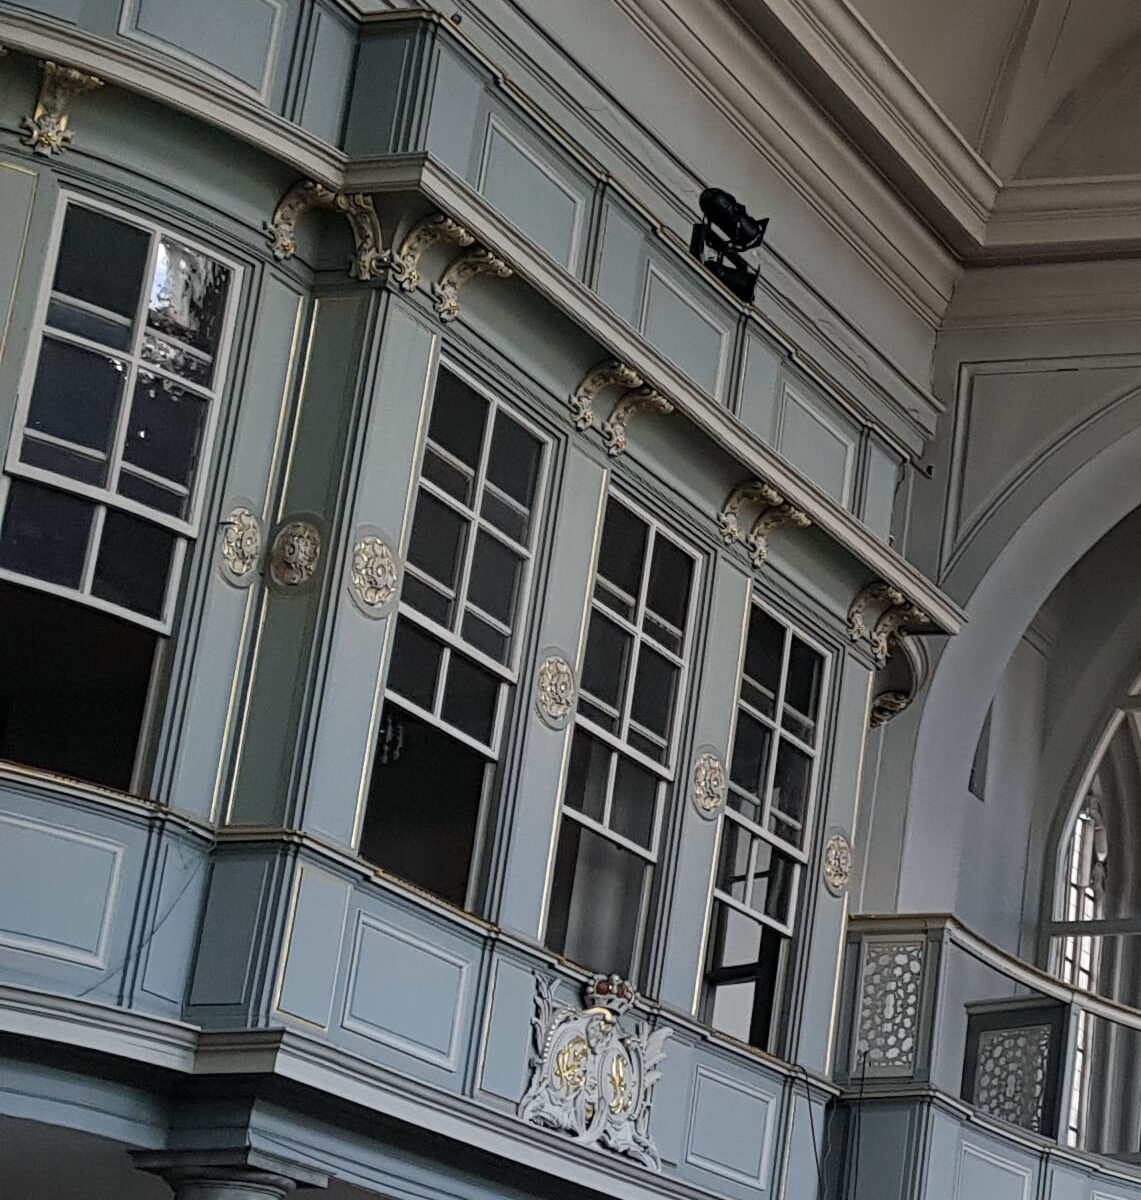 bachwoche 2021 vor dem Konzert - Bildrechte Hotel Platengarten Ansbach Als Patronatsloge – regional abweichend auch Patronatsstuhl, Fürstenstuhl oder Grafenstuhl – bezeichnet man eine meist mit Fenstern abgeschlossene Loge in Kirchen, die dem adligen Grundherrn für seine Besuche in dem Gotteshaus diente